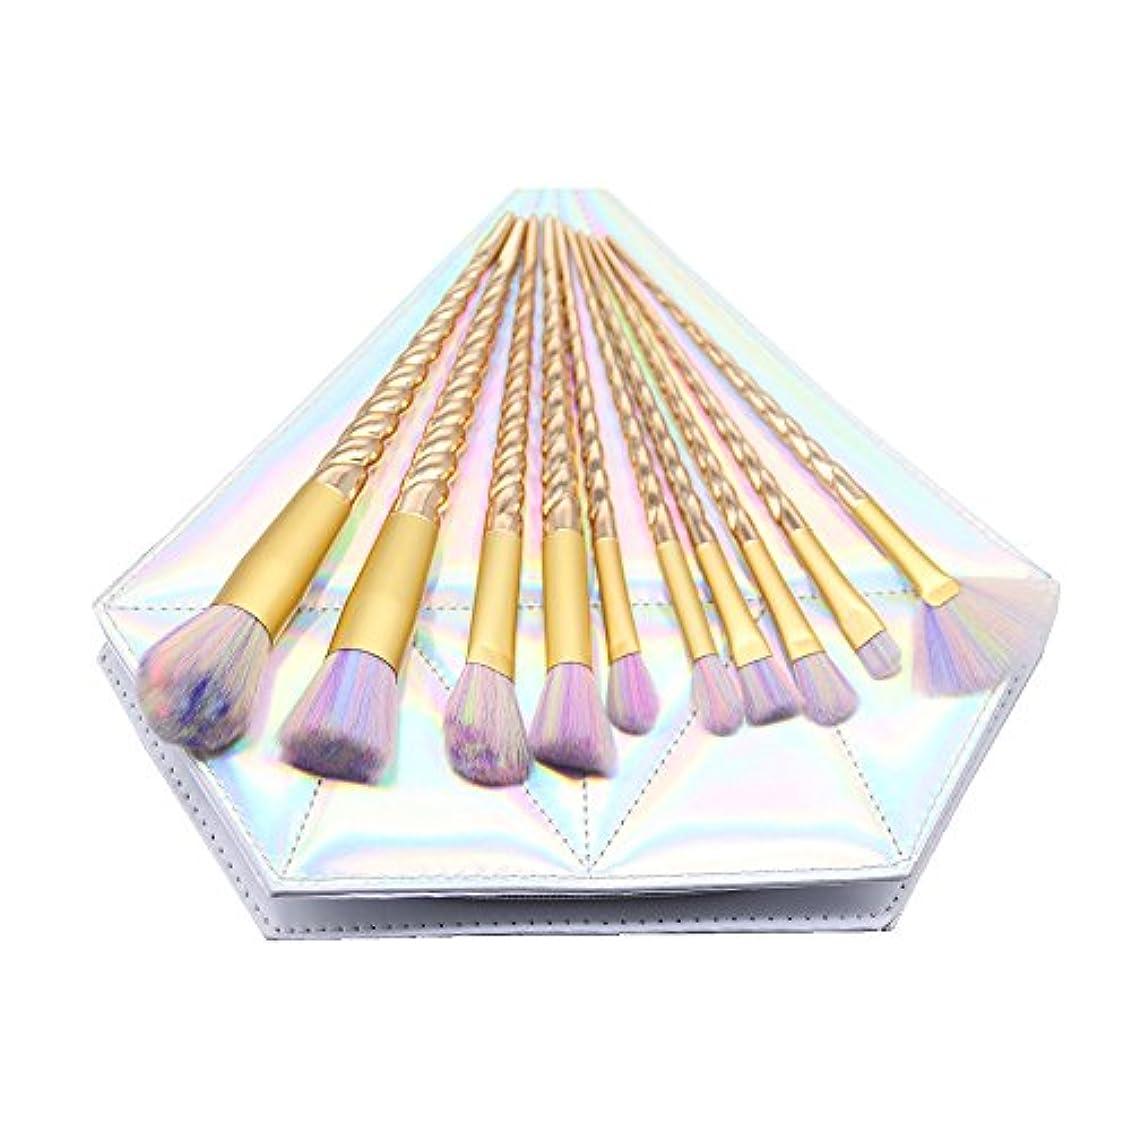 いう違うピンクDilla Beauty メイクブラシセット 10本セット ユニコーンデザイン プラスチックハンドル 合成毛 ファンデーションブラシ アイシャドーブラッシャー 美容ツール 化粧品のバッグ付き